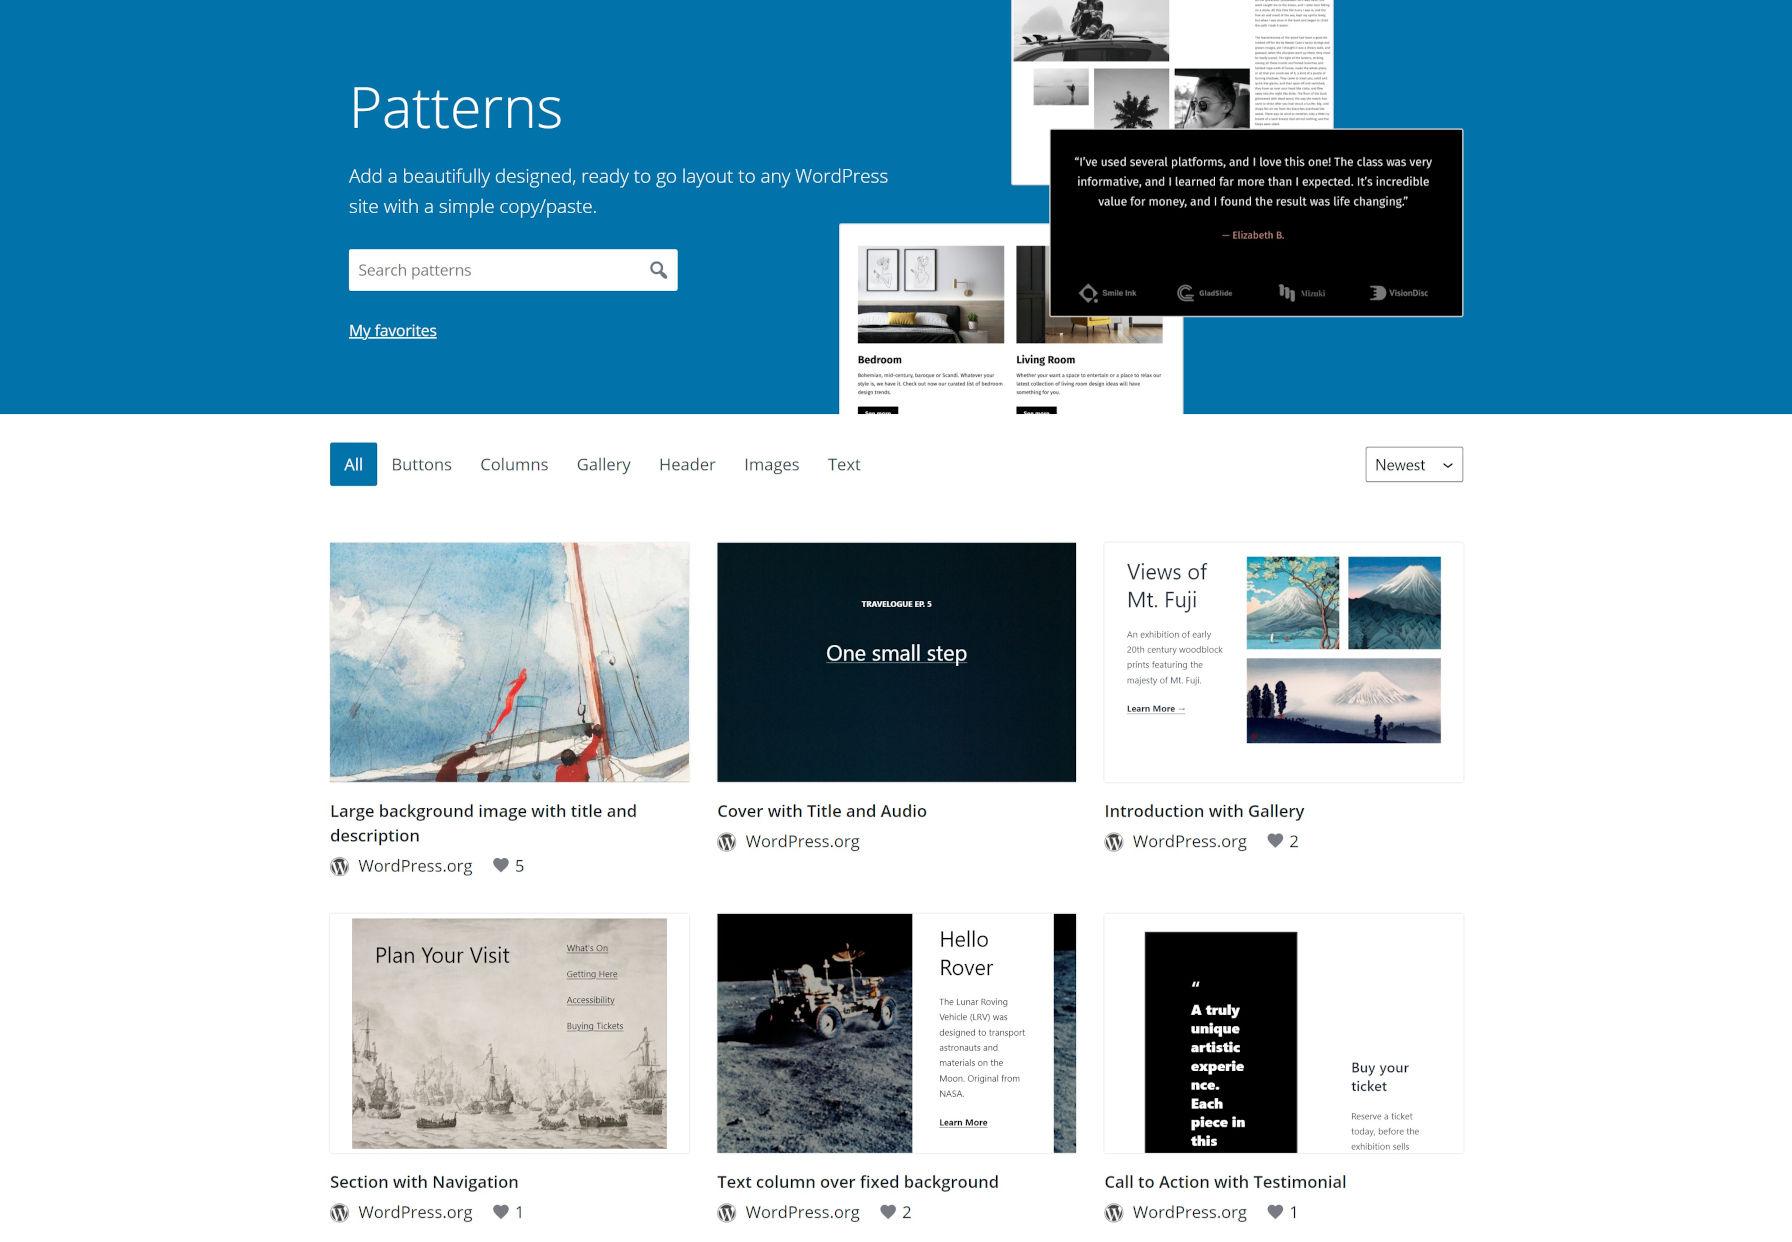 Page d'accueil du répertoire de modèles WordPress.org, présentant les dernières soumissions de modèles dans une grille.